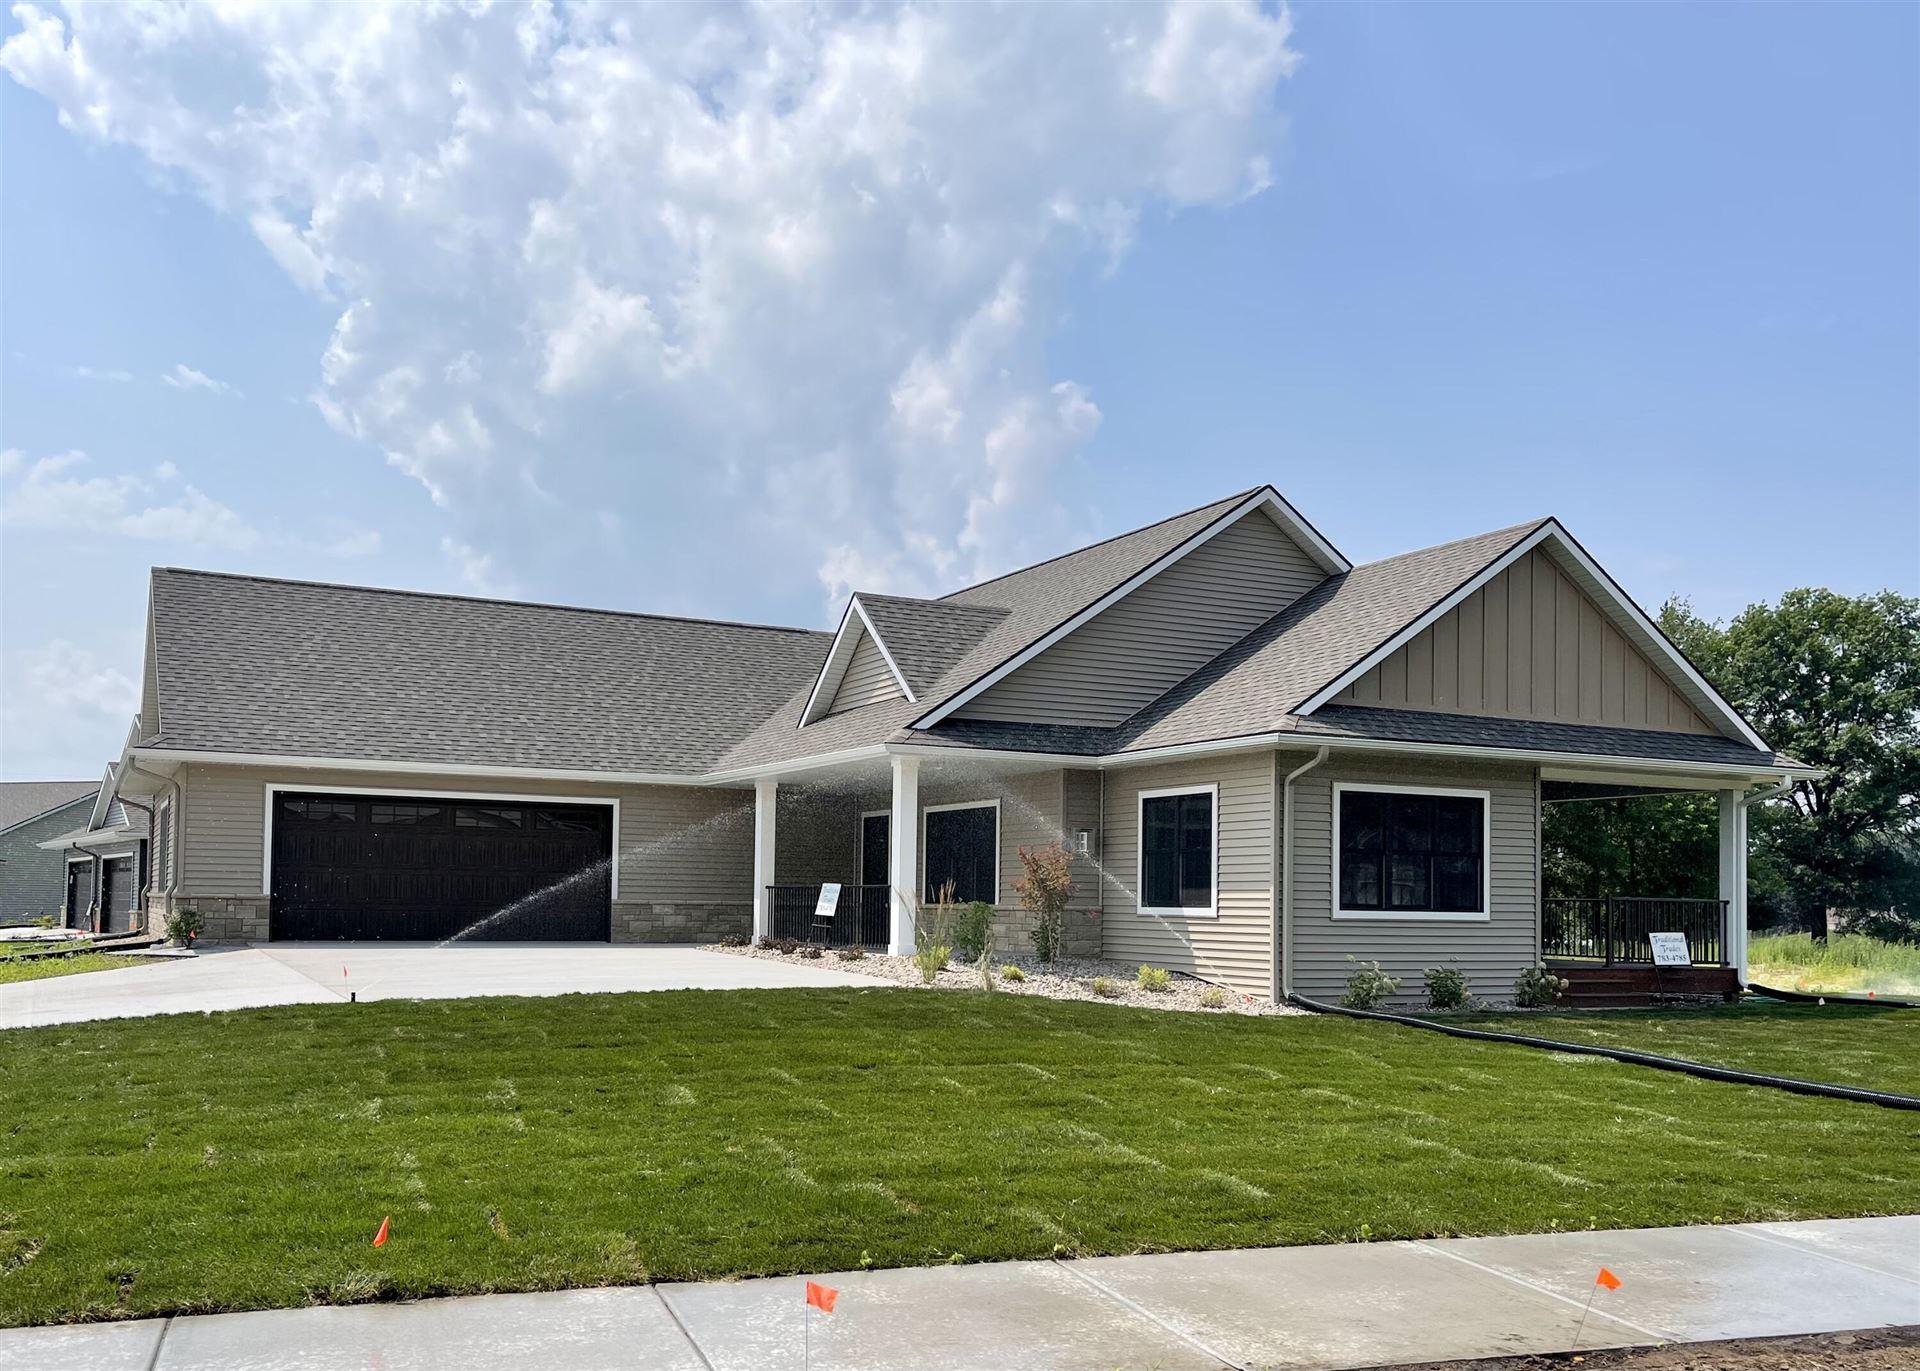 2902 Christenson Ln, Holmen, WI 54636 - MLS#: 1755151